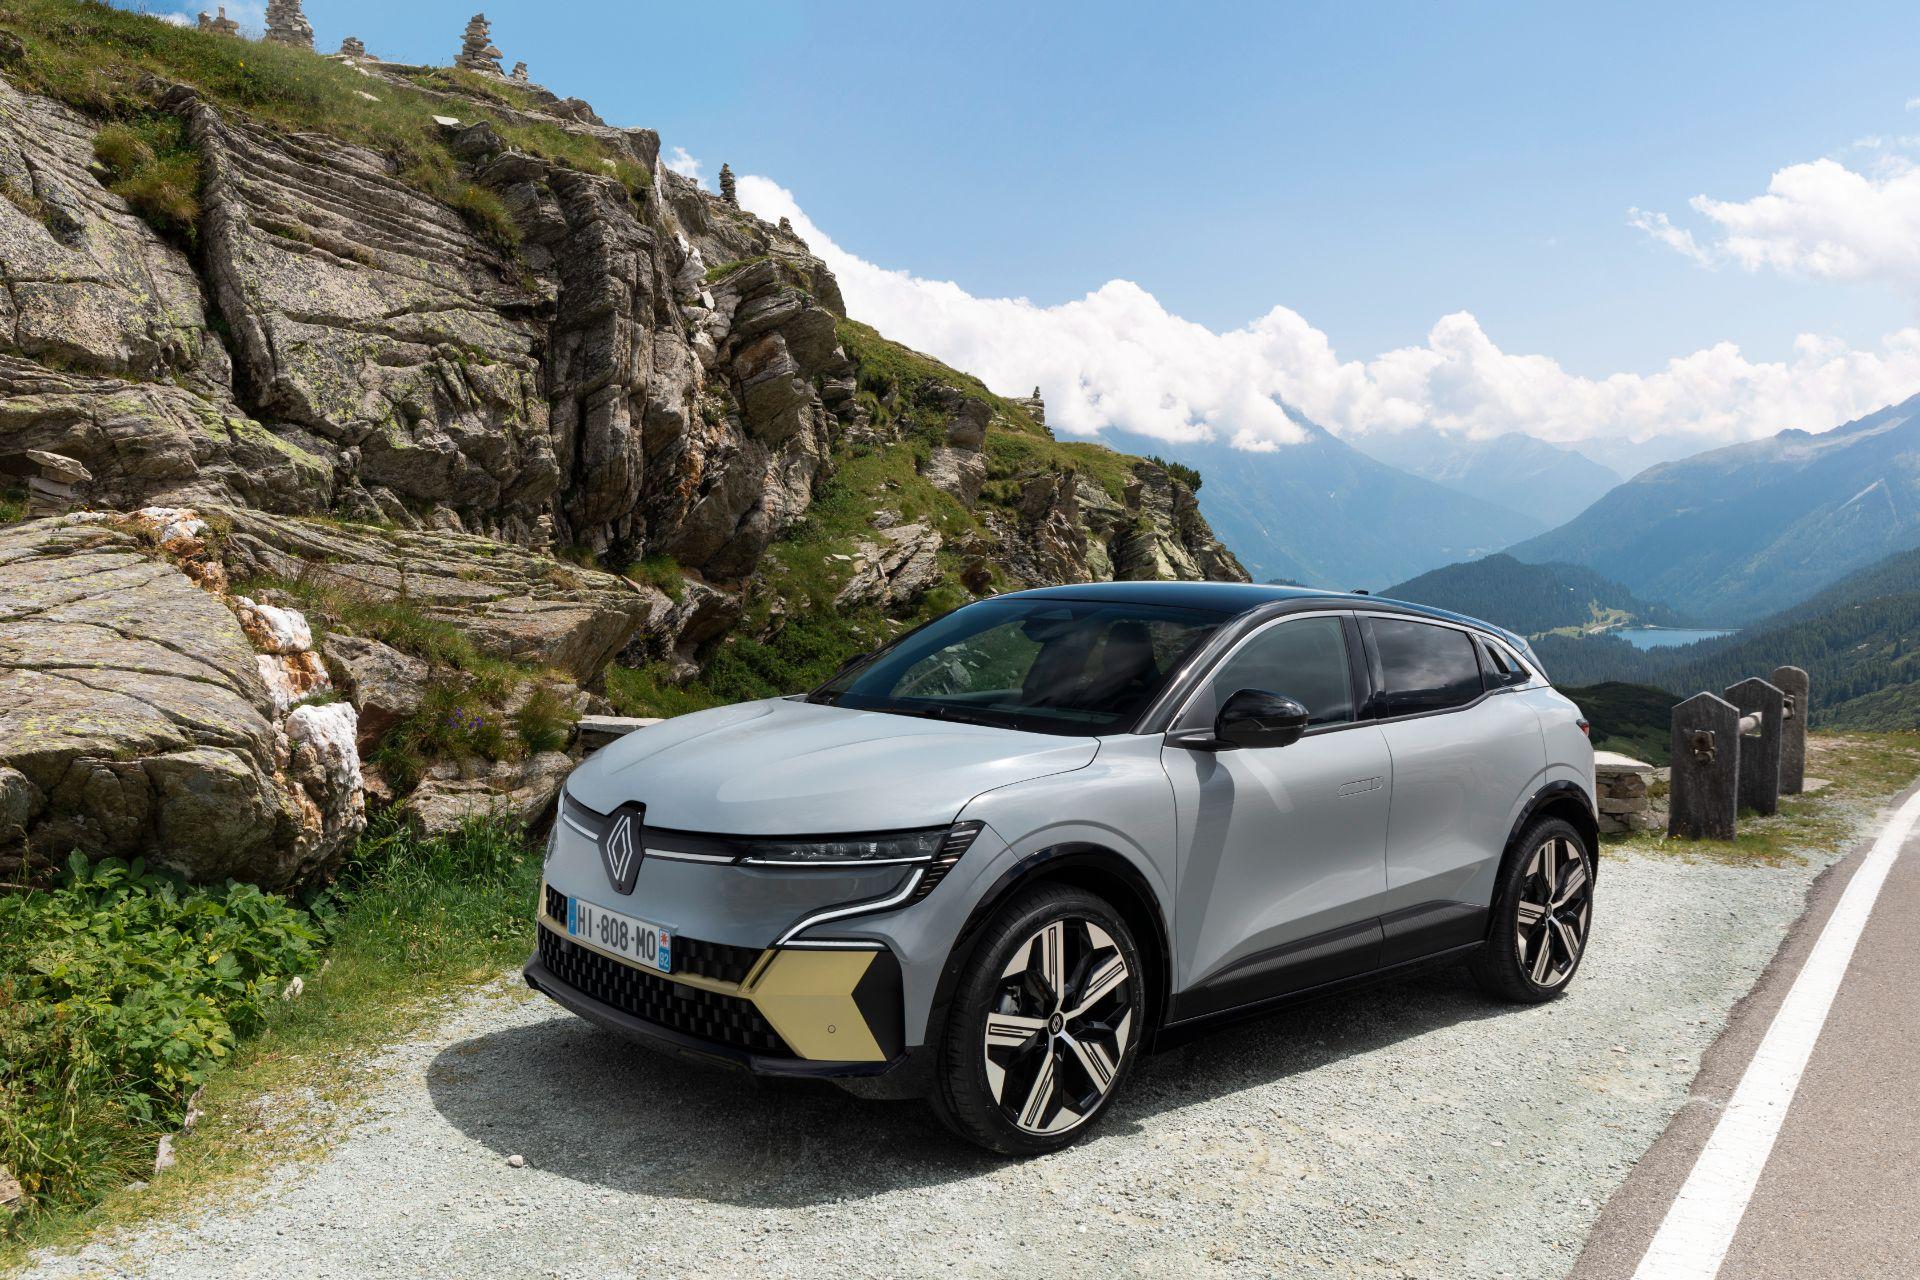 Tutto sulla nuova Renault Megane E-Tech Electric, il SUV elettrico coupé